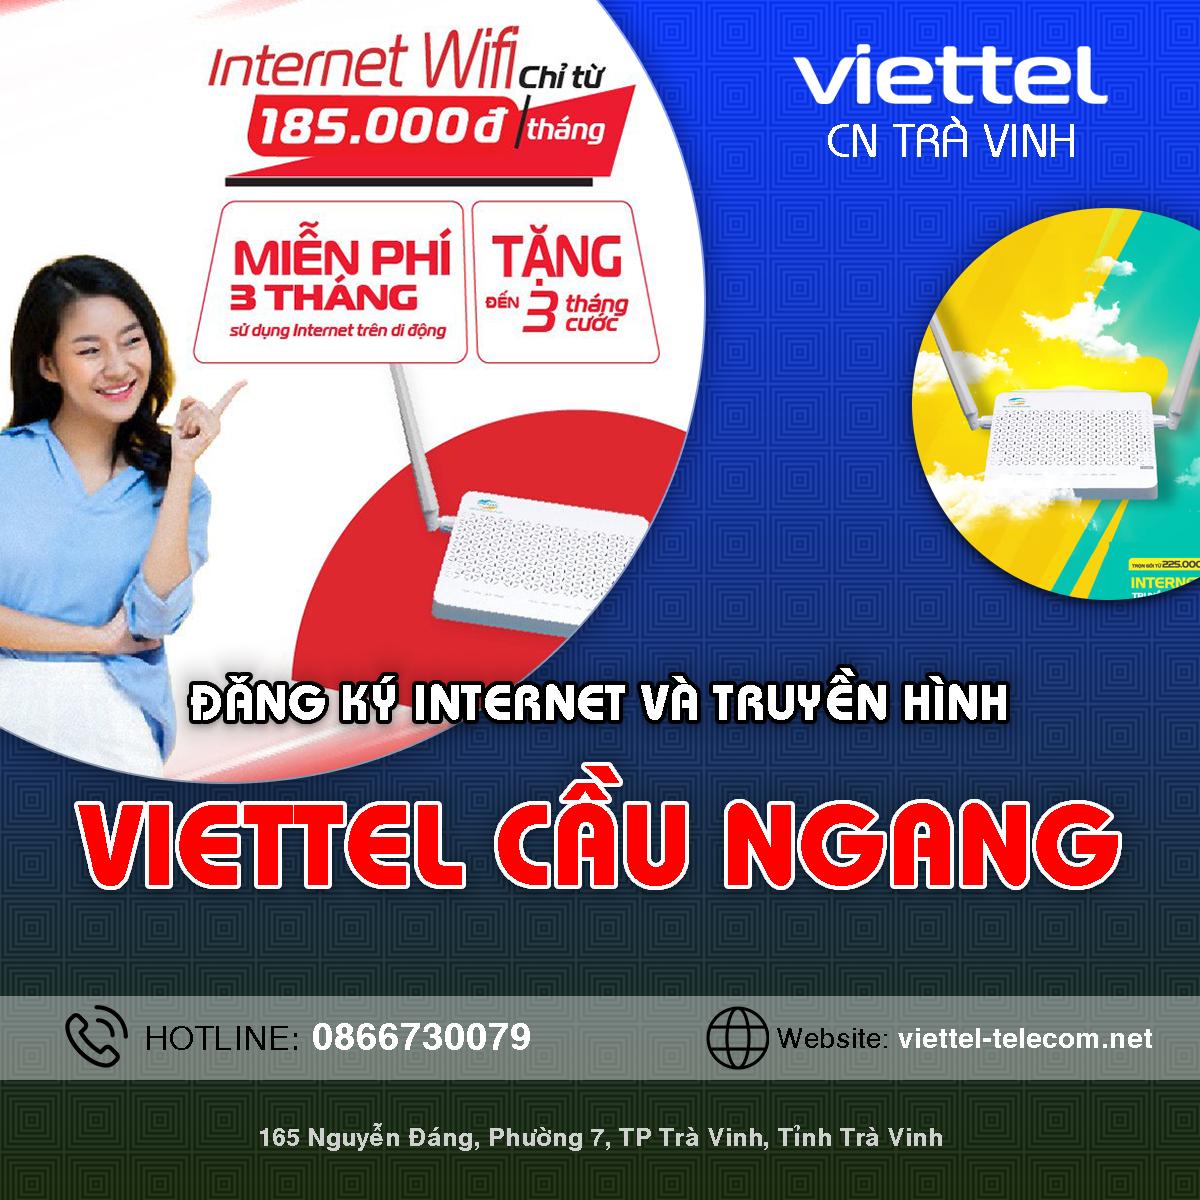 Cửa hàng Viettel huyện Cầu Ngang